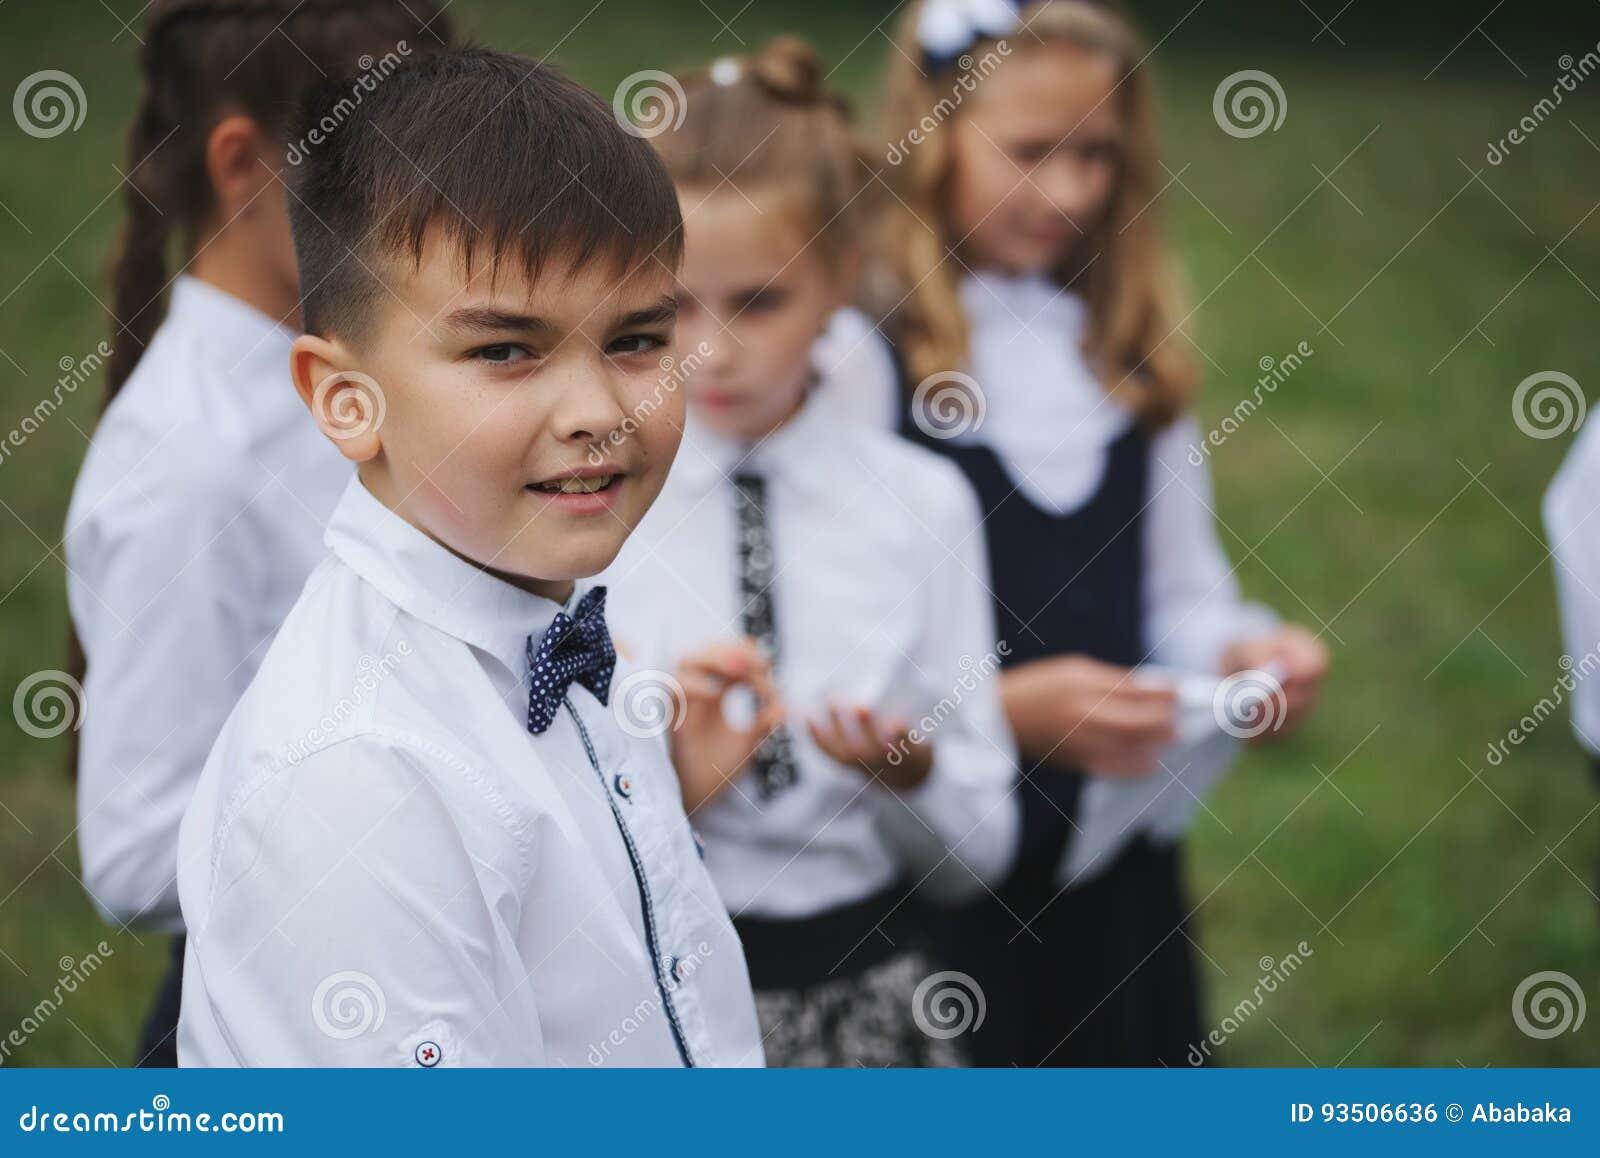 年轻男孩和女孩户外制服的